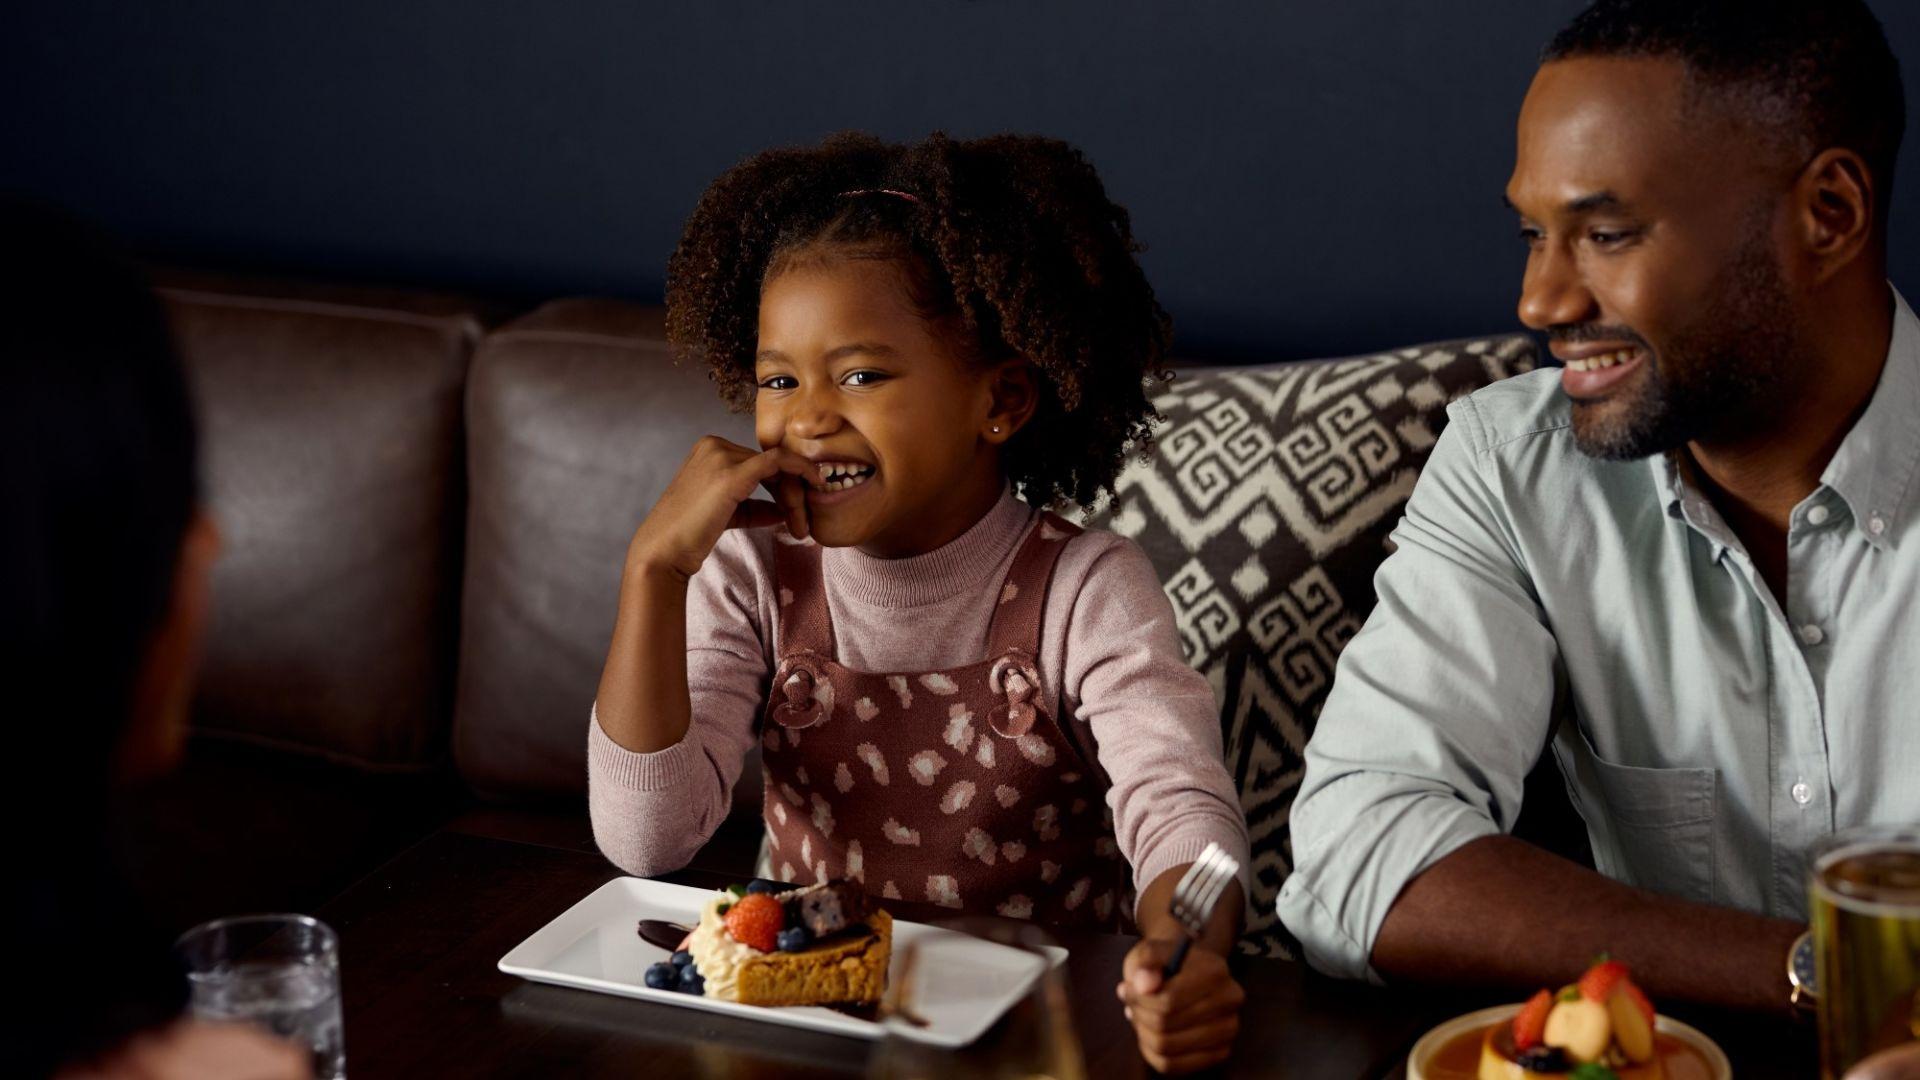 | Su comodidad es nuestra prioridad,<br />su sonrisa nuestro halago | Le damos la bienvenida como familia | Conozca más